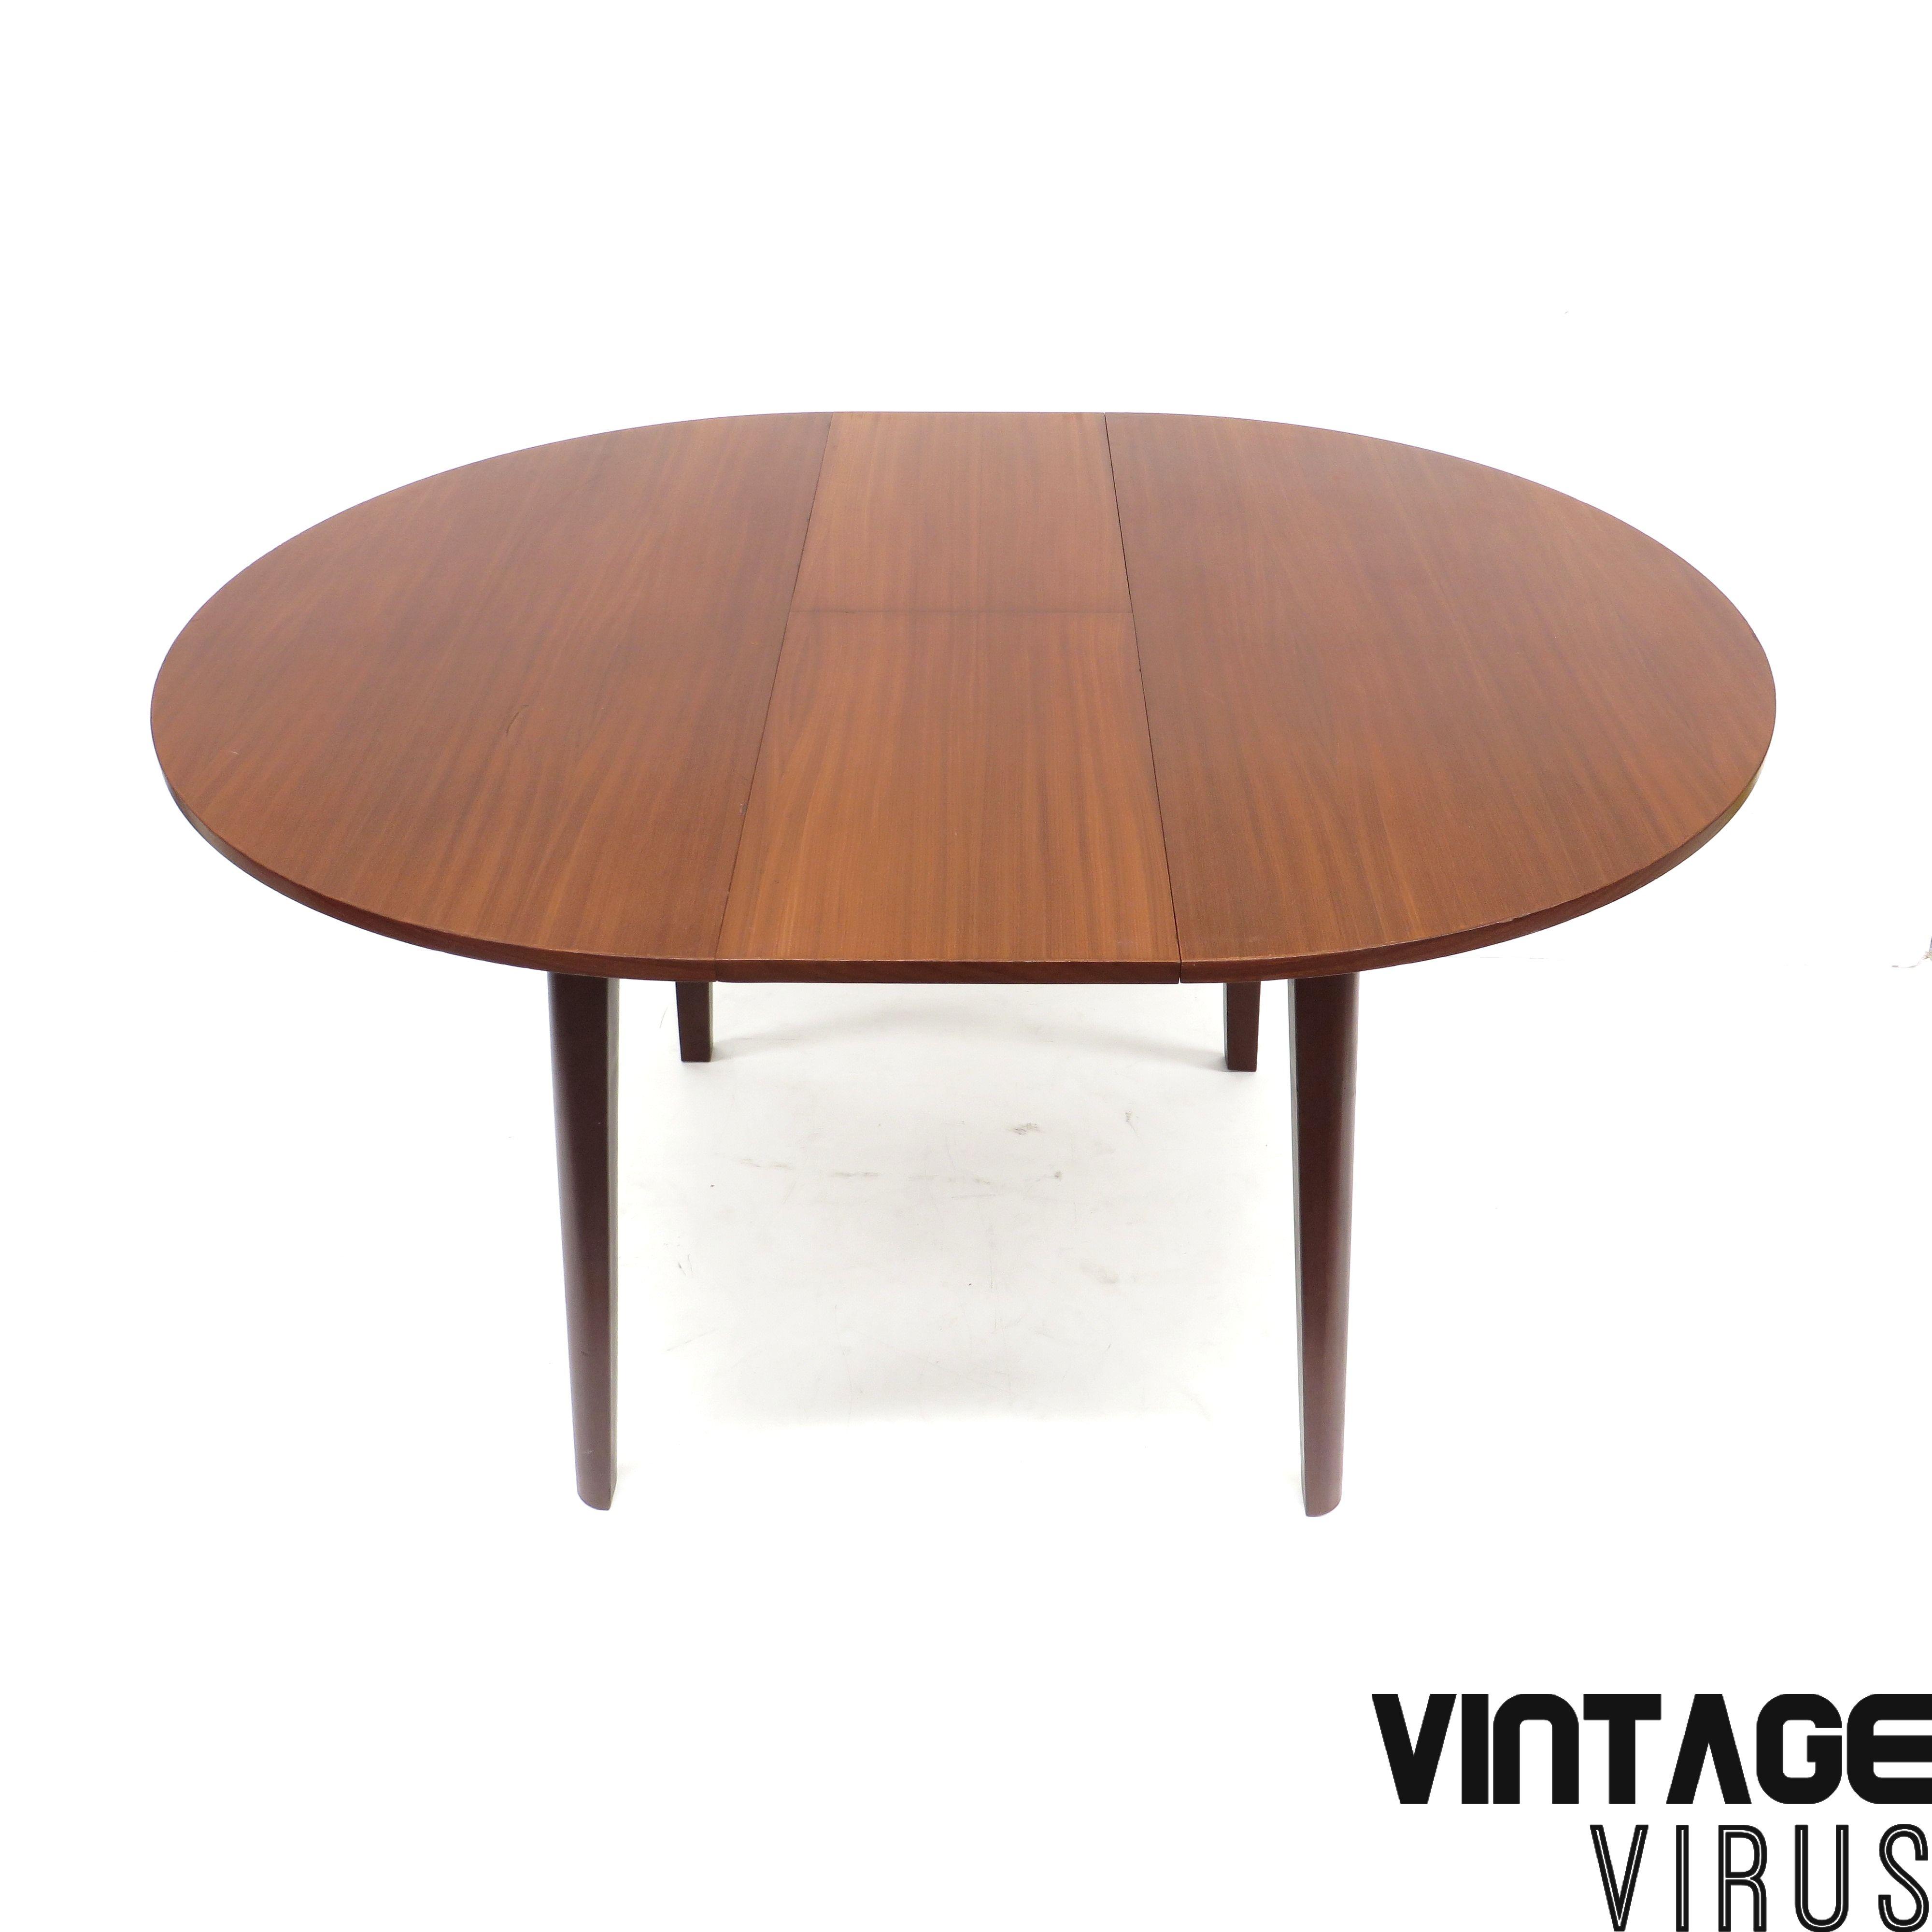 Vintage Ronde Tafel.Vintage Ronde Uitschuifbare Eettafel Van Teakhout Jaren 60